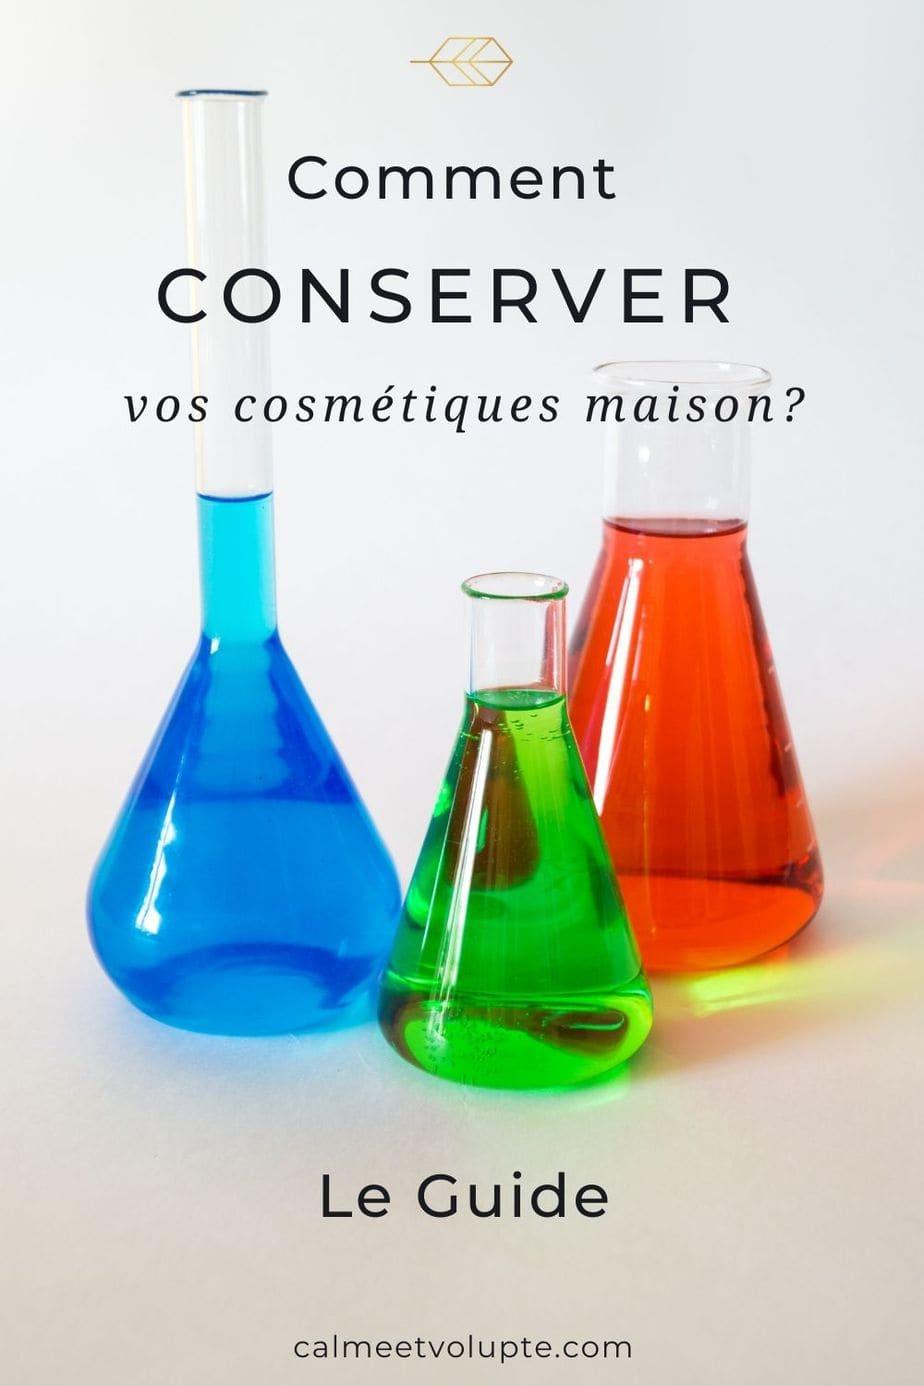 guides desconservateurs naturelspour protéger vos cosmétiques maison